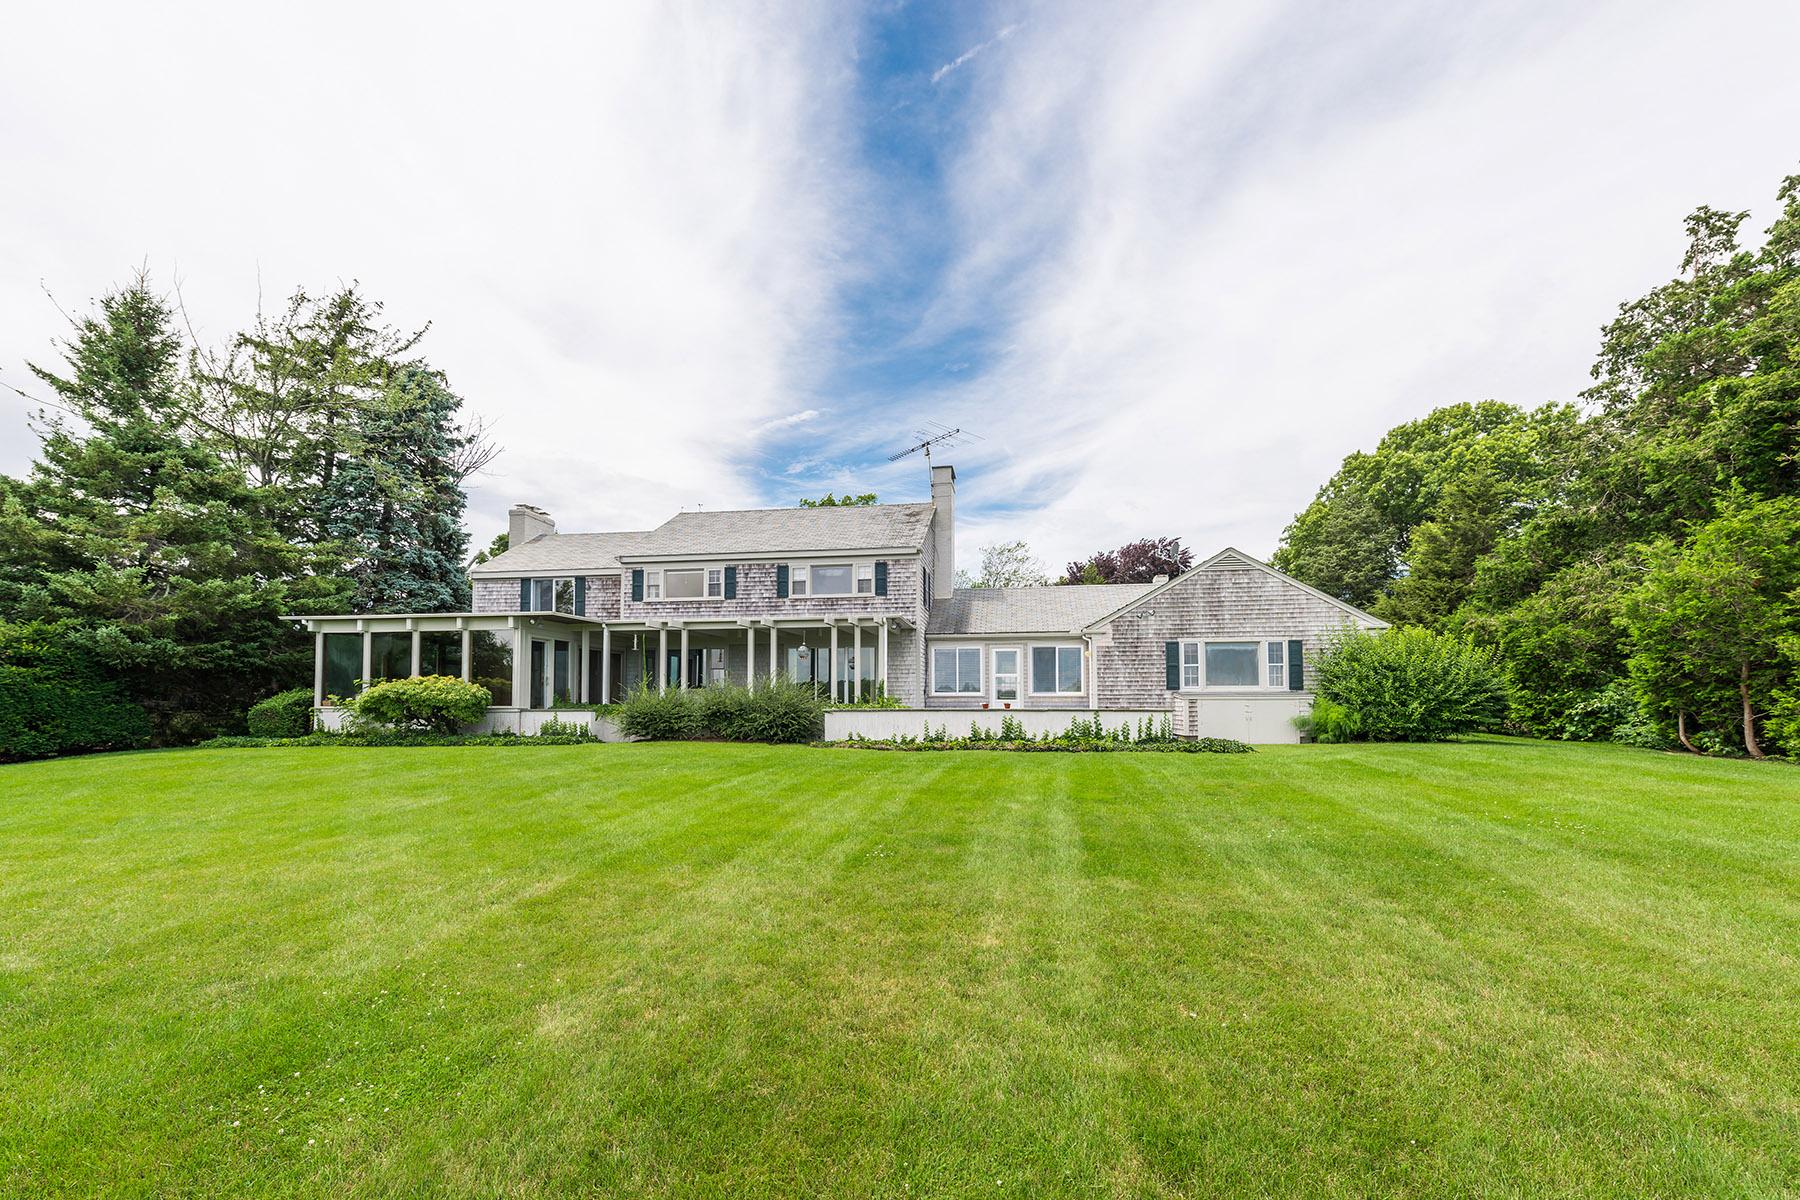 独户住宅 为 销售 在 20 Stone Tower Lane, Barrington, RI 巴灵顿, 罗得岛, 02806 美国